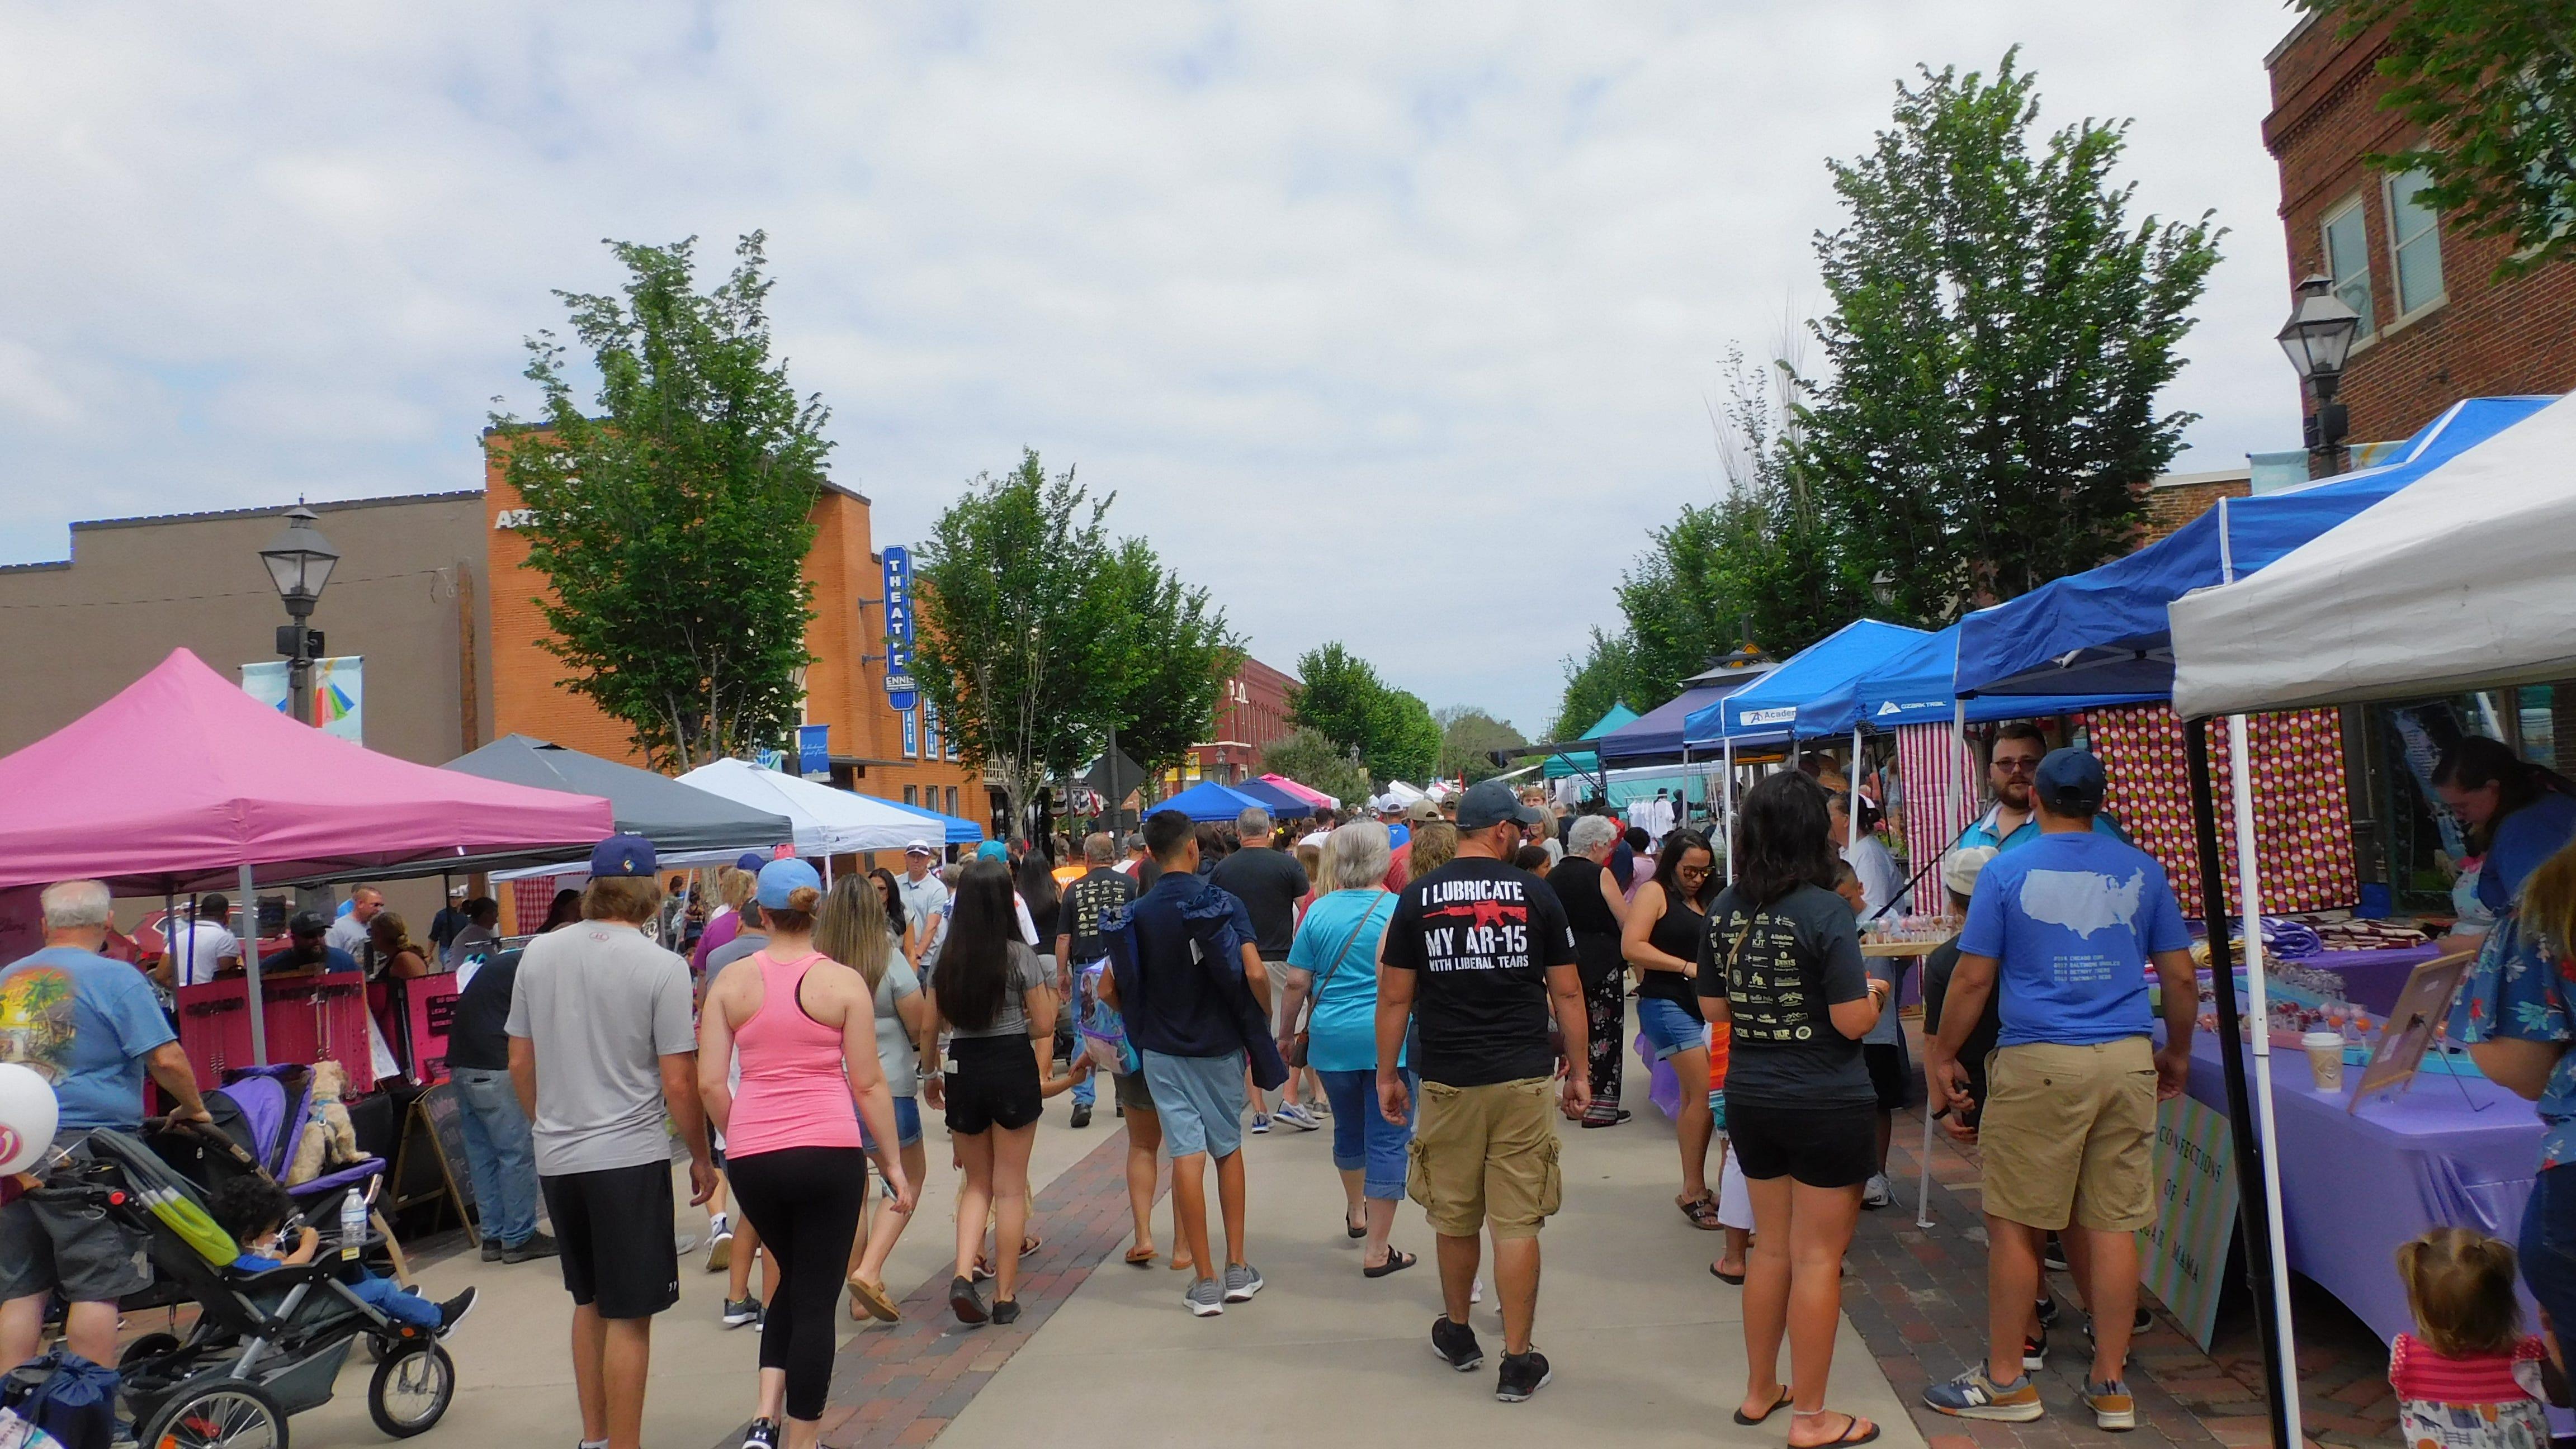 Memorial Day projde návštěvníky festivalu Downtown na národním festivalu Polka, který se koná v Ennisu o víkendu.